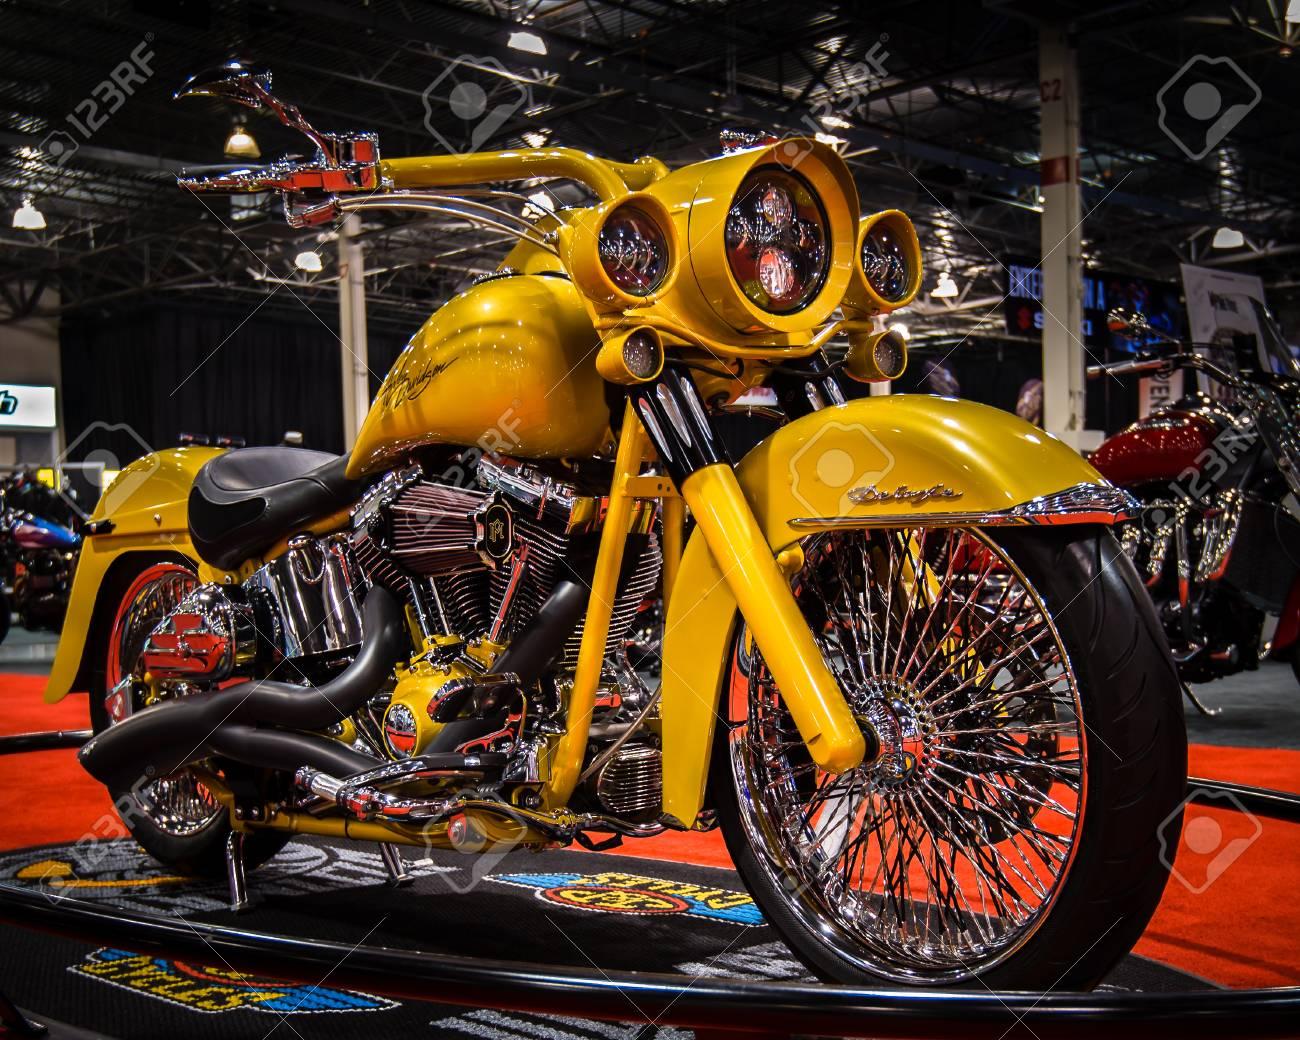 Harley Davidson Michigan >> Novi Mi Usa January 3 2014 A Customized Harley Davidson Stock